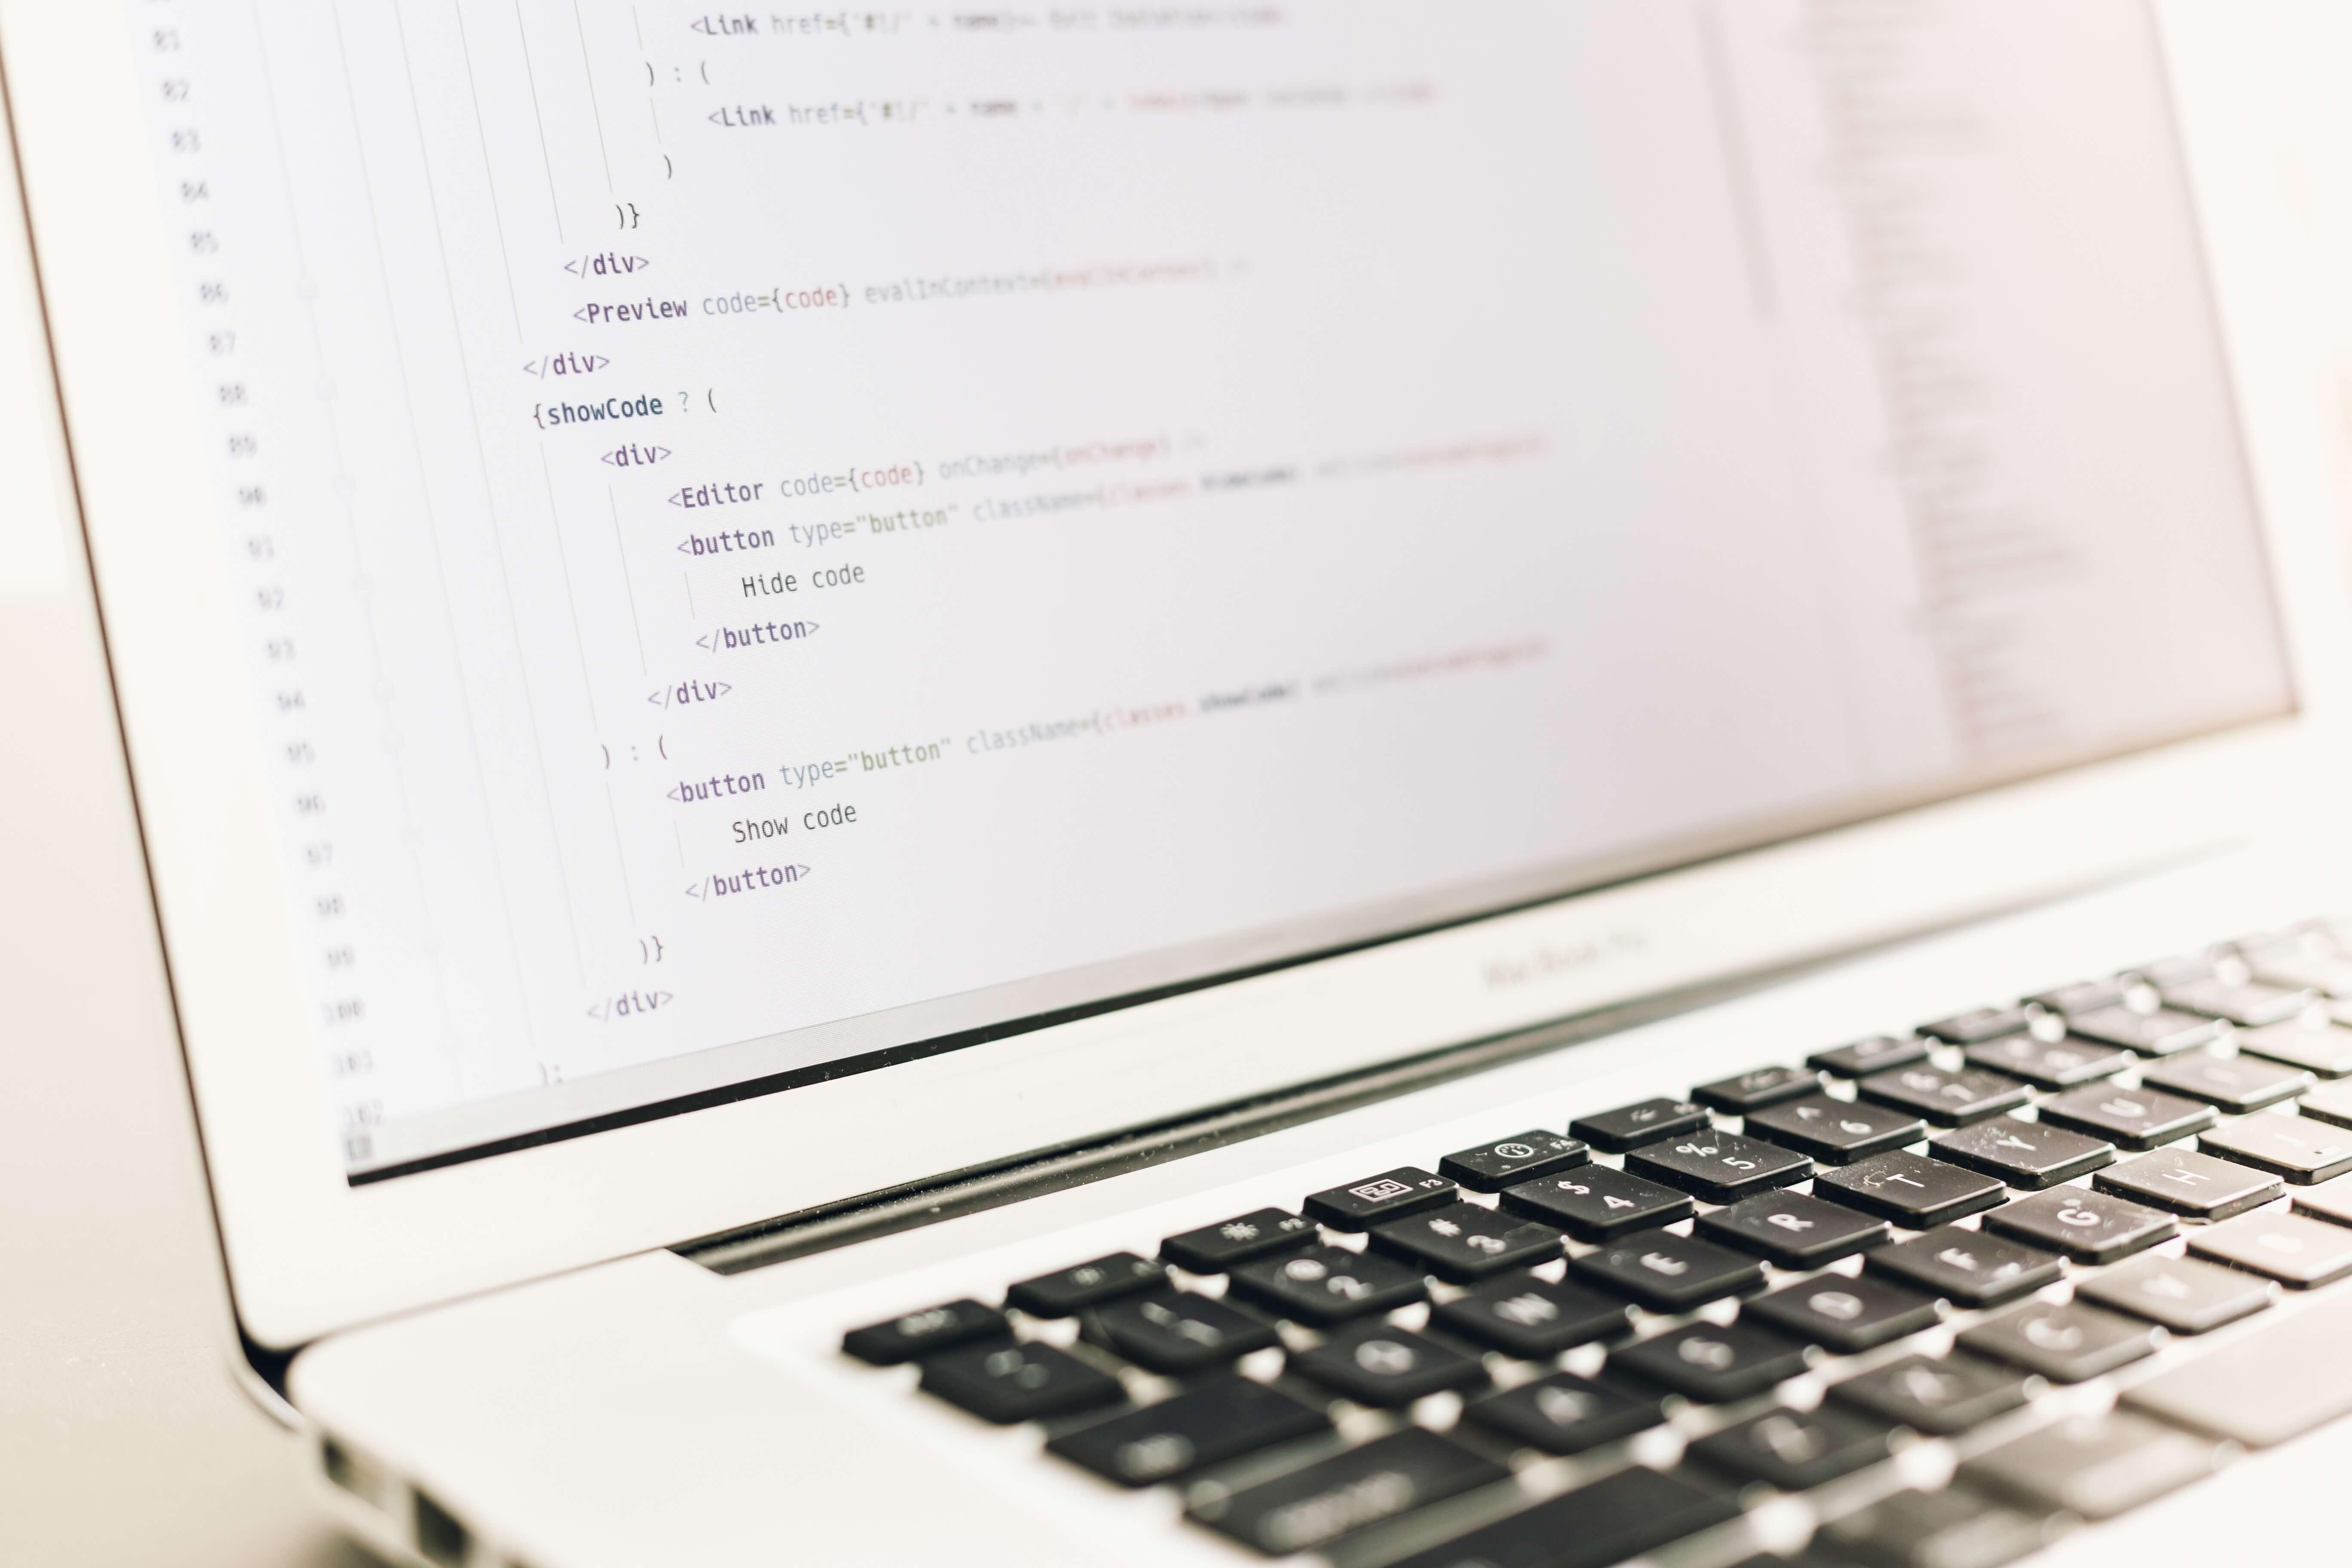 Sito internet: a che cosa serve?